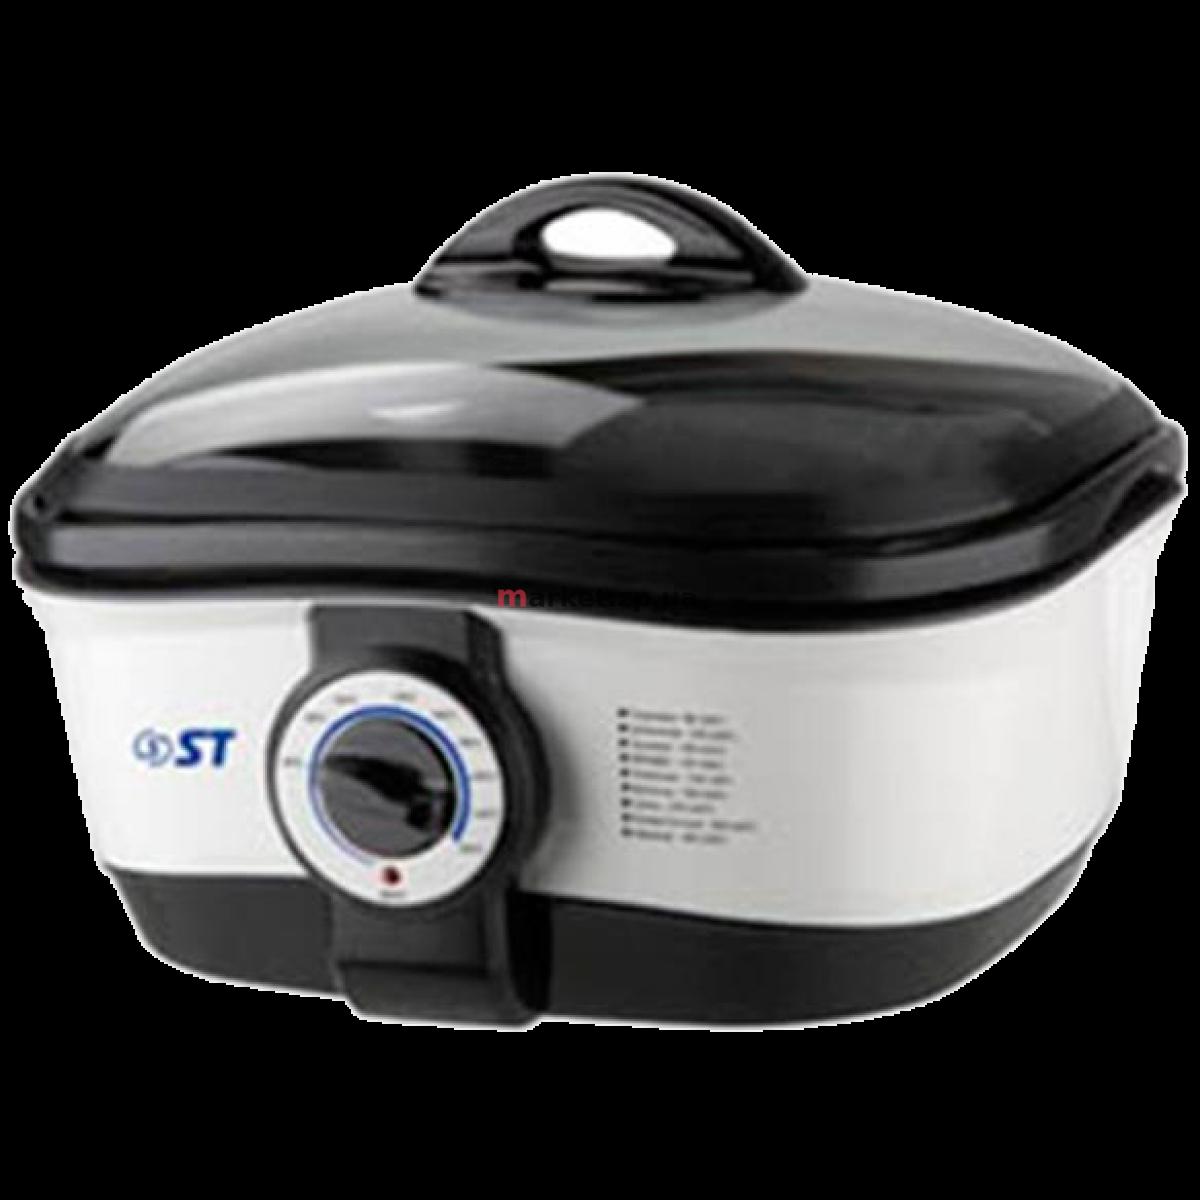 Мультиварка  ST 44-090-01-fondue-W